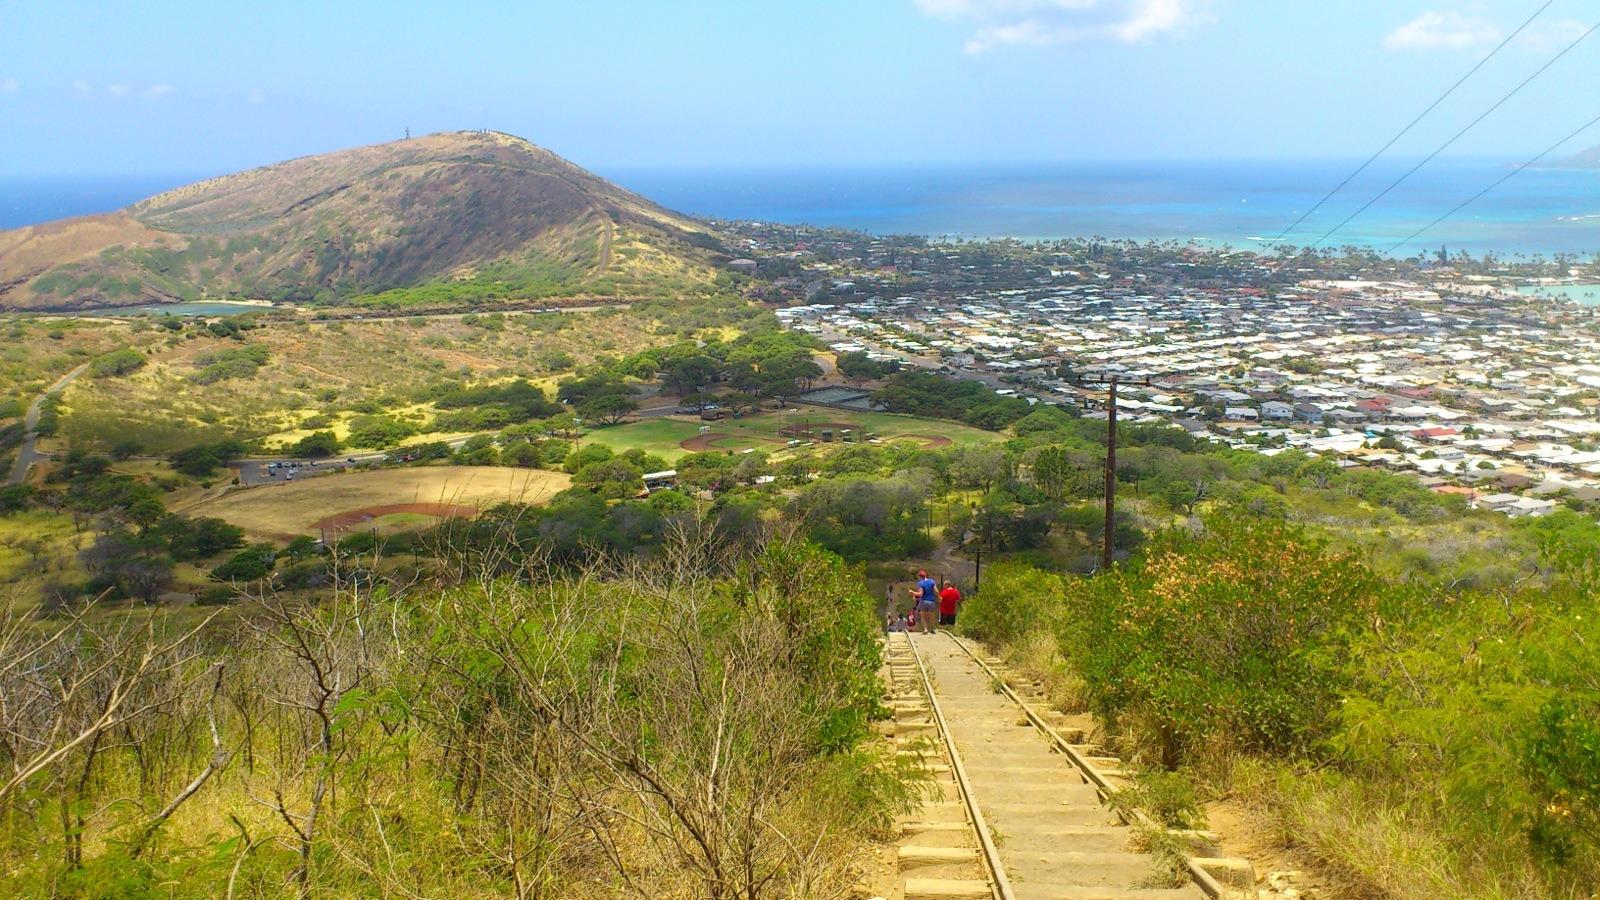 山下是 Oahu 島的 Hawaii Kai 住宅區。